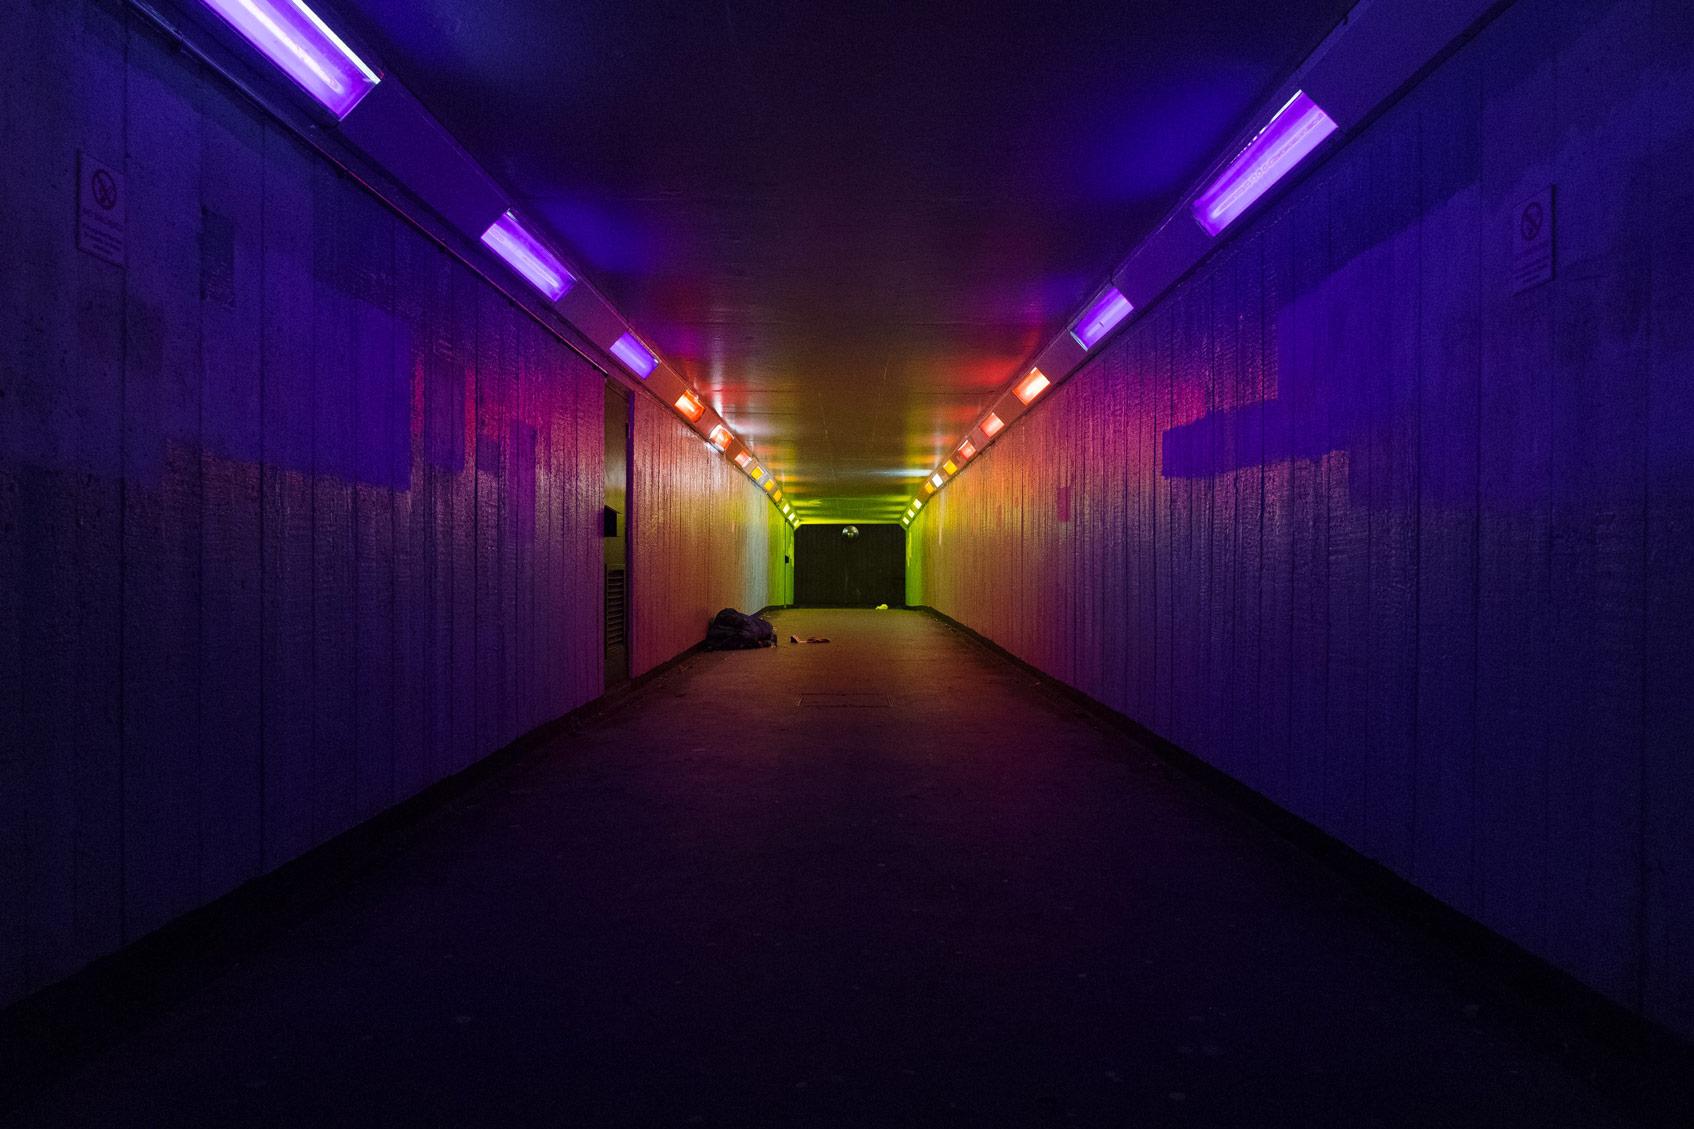 неоновый свет в тоннеле